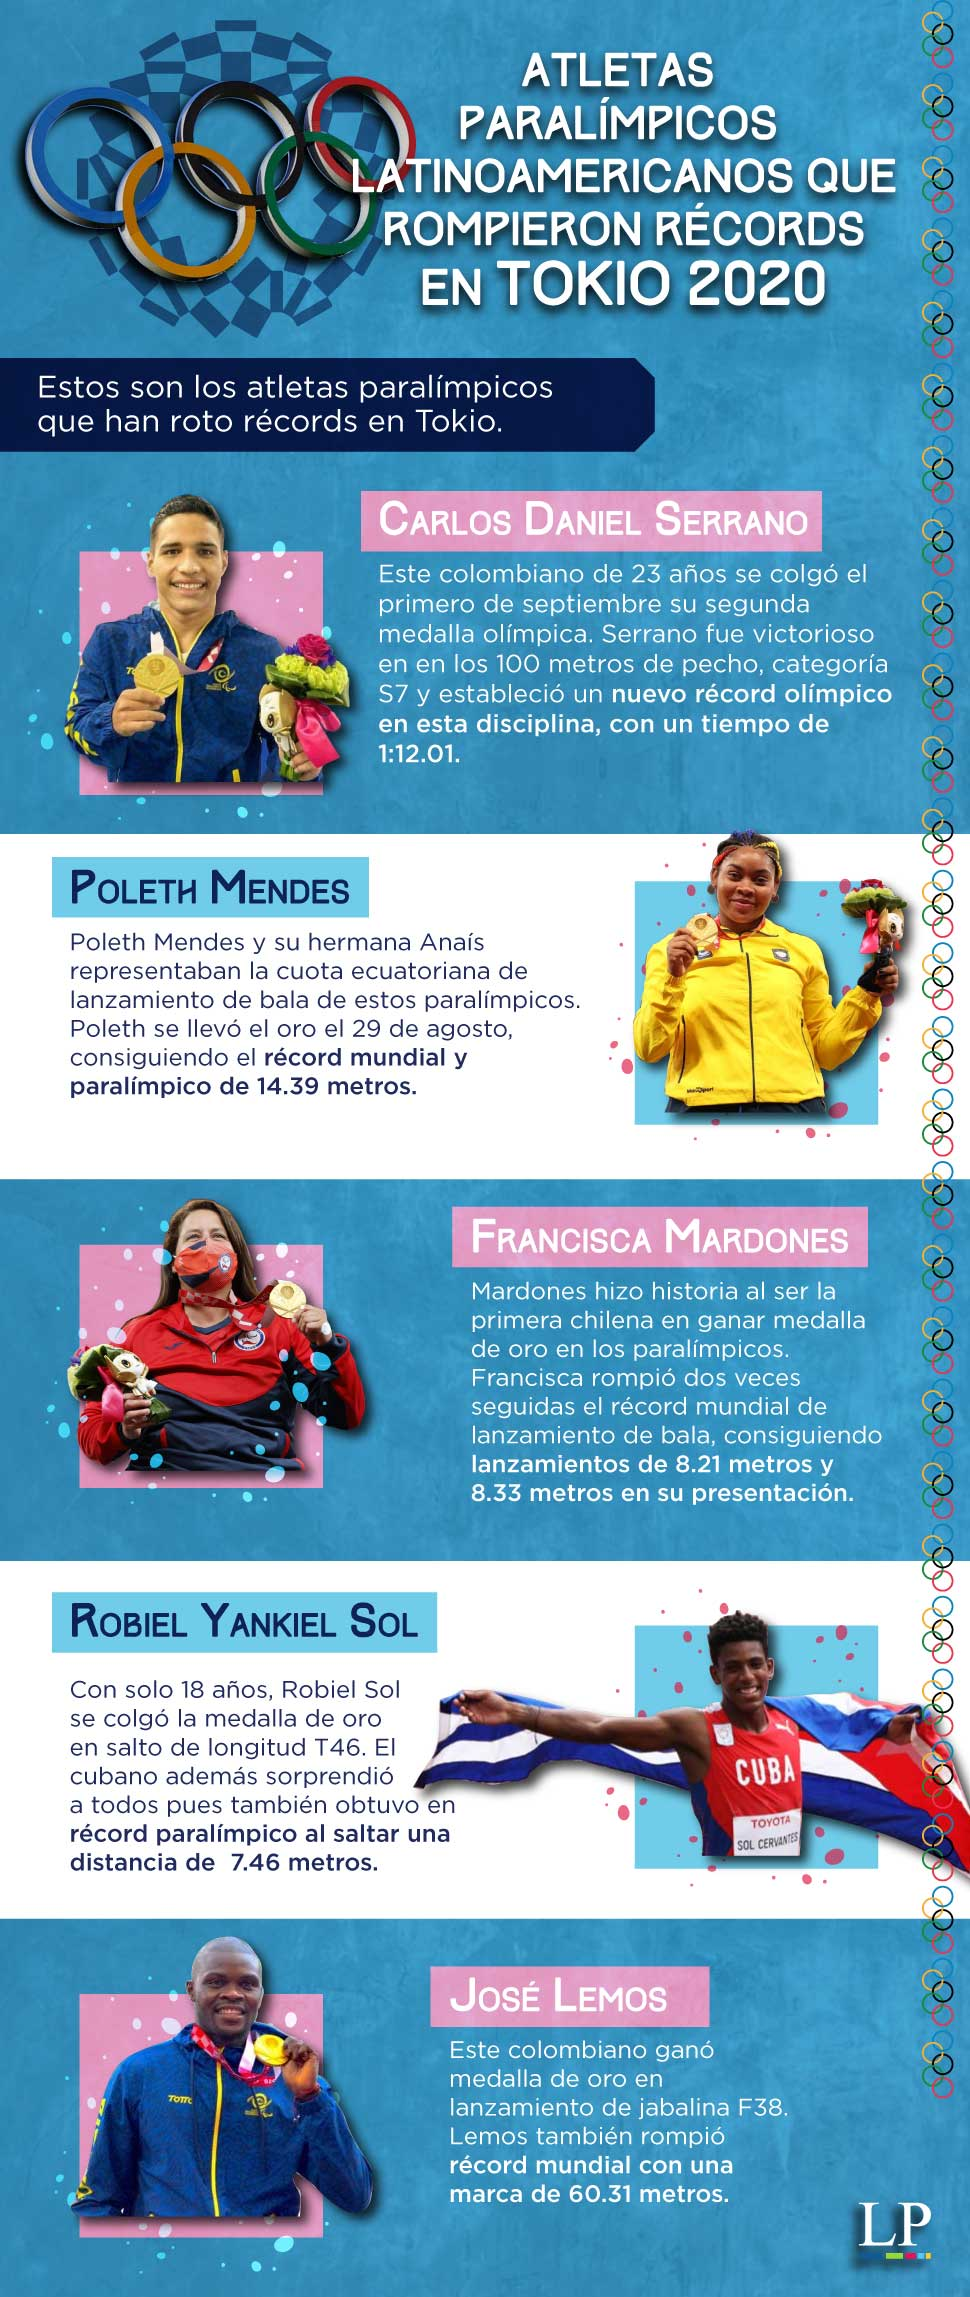 Atletas paralimipicos Latinoamericanos